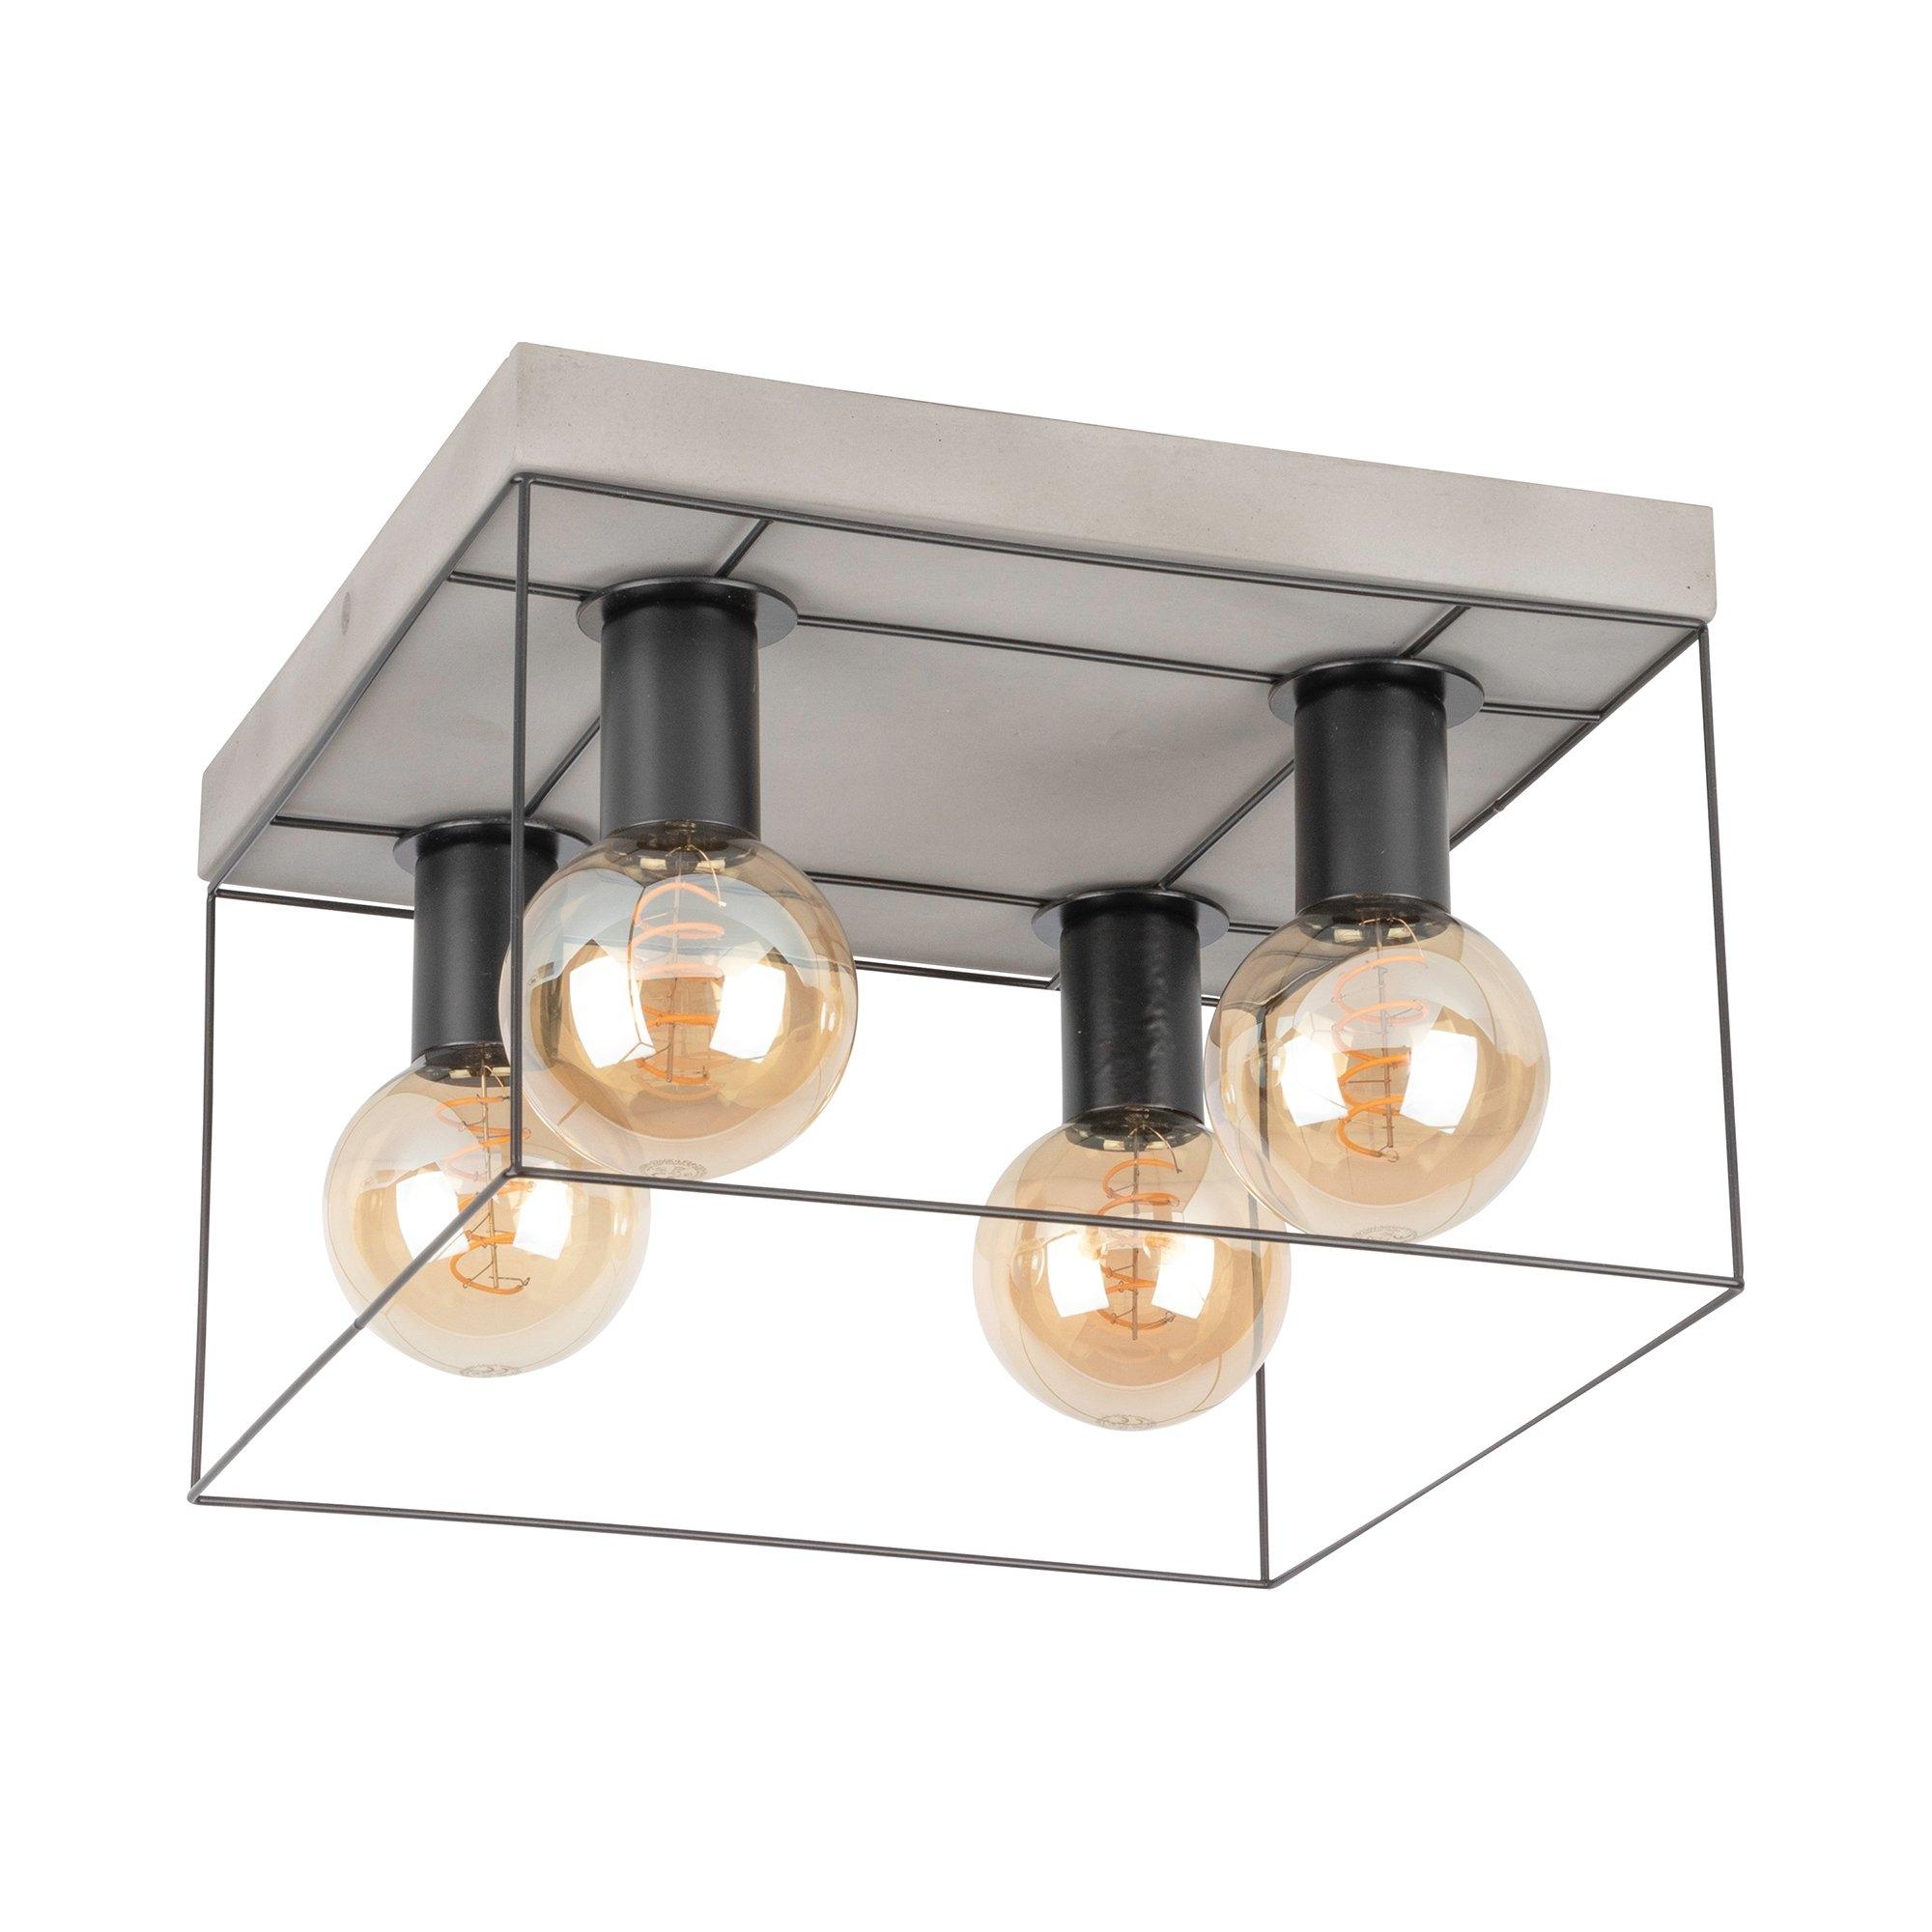 SPOT Light plafondlamp GRETTER CONCRETE Van echt beton en metaal, bijpassende LM E27 / exclusief, natuurproduct Made in Europe - verschillende betaalmethodes